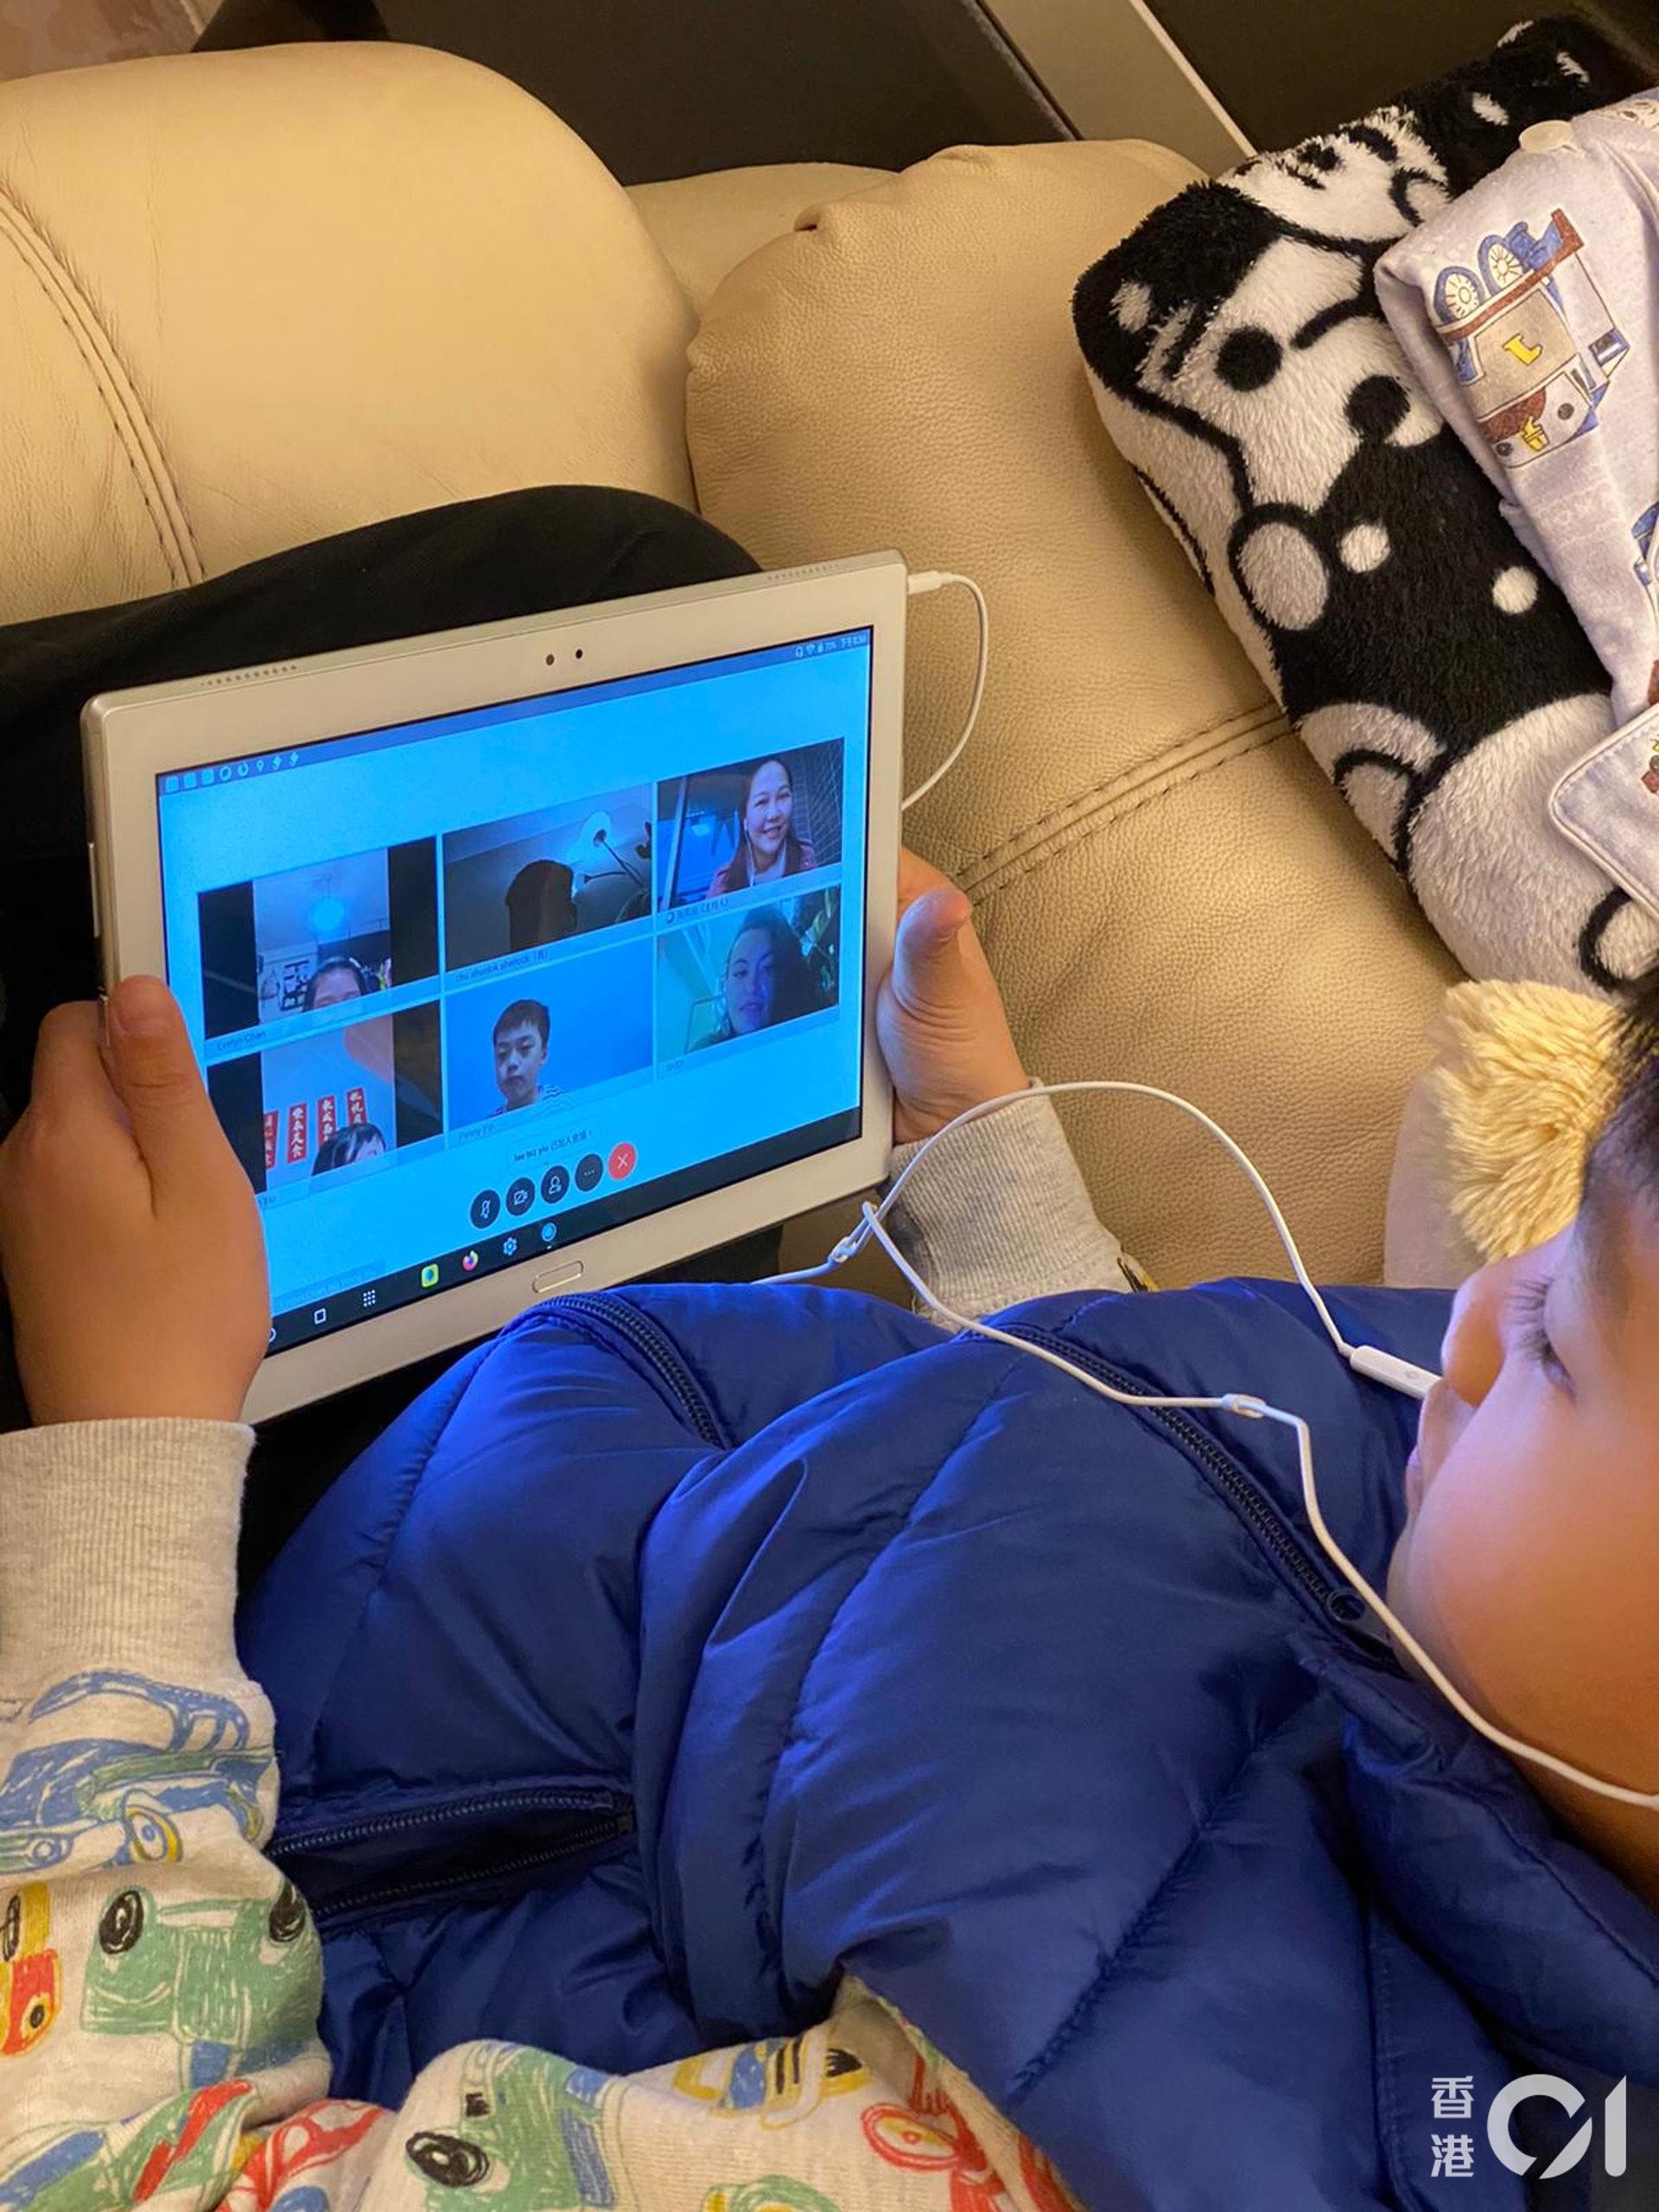 德萃小學學生利用時下流行的即時開會軟件進行網上教學(圖片由受訪者提供)